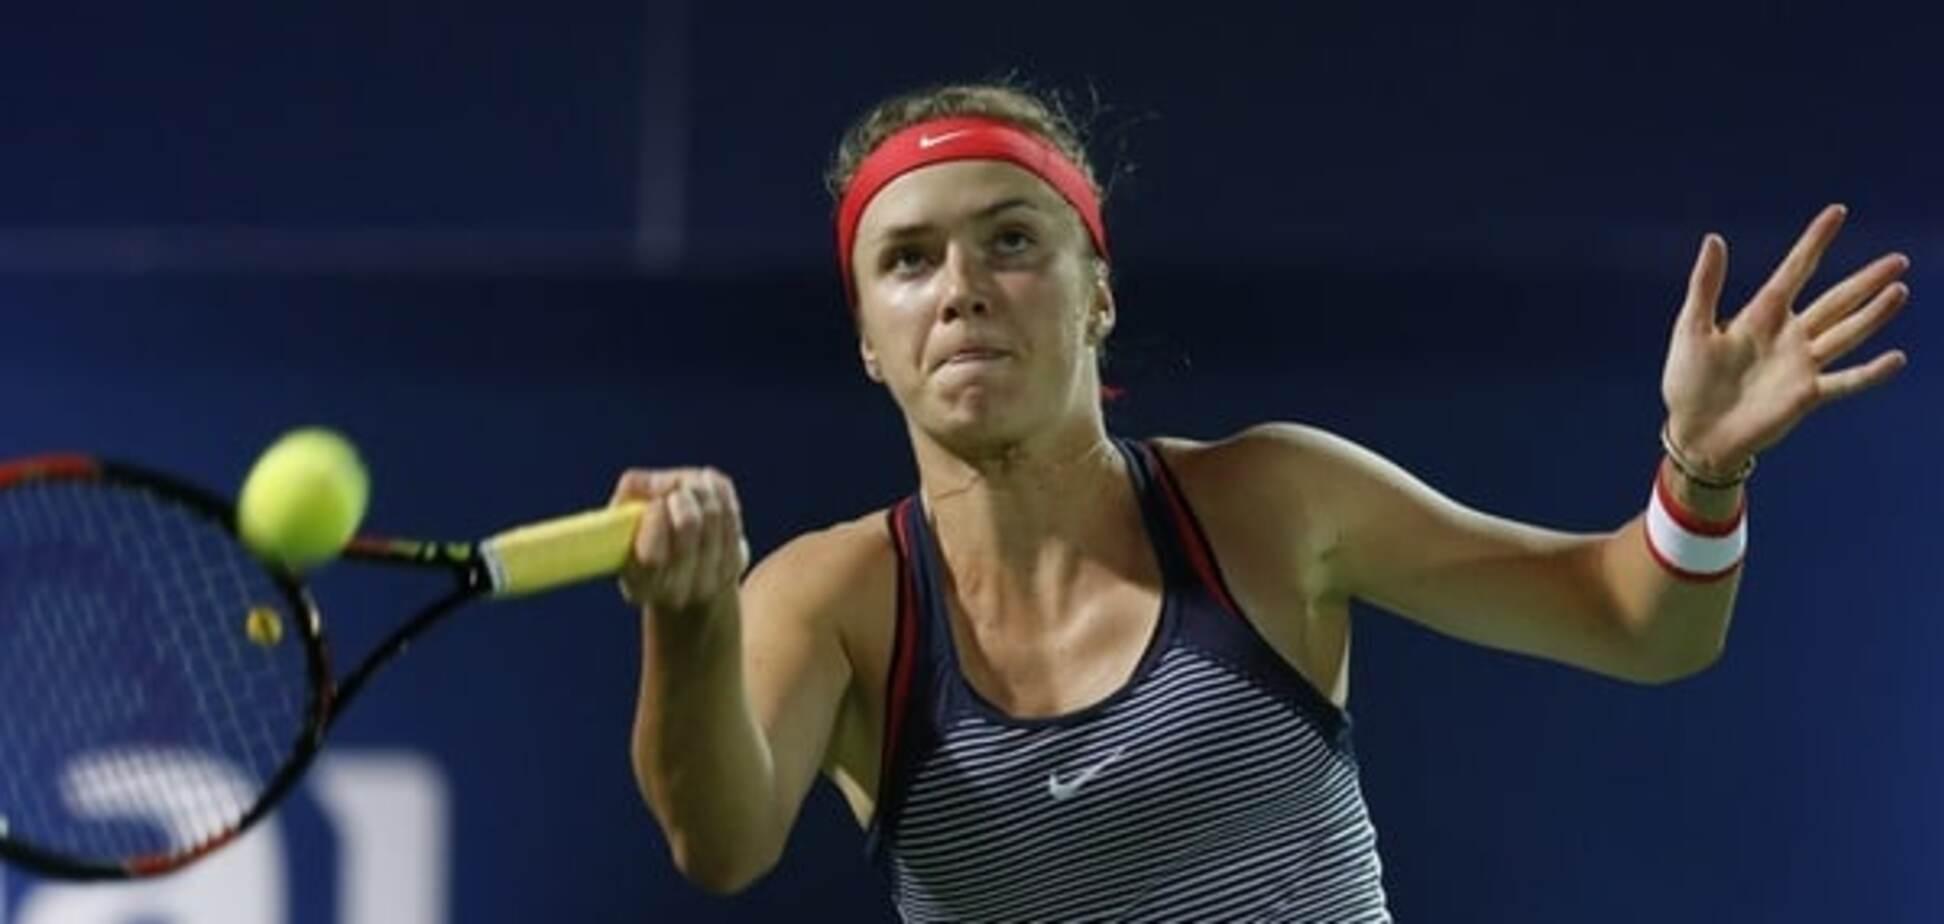 Перша ракетка України вийшла у фінал престижного тенісного турніру